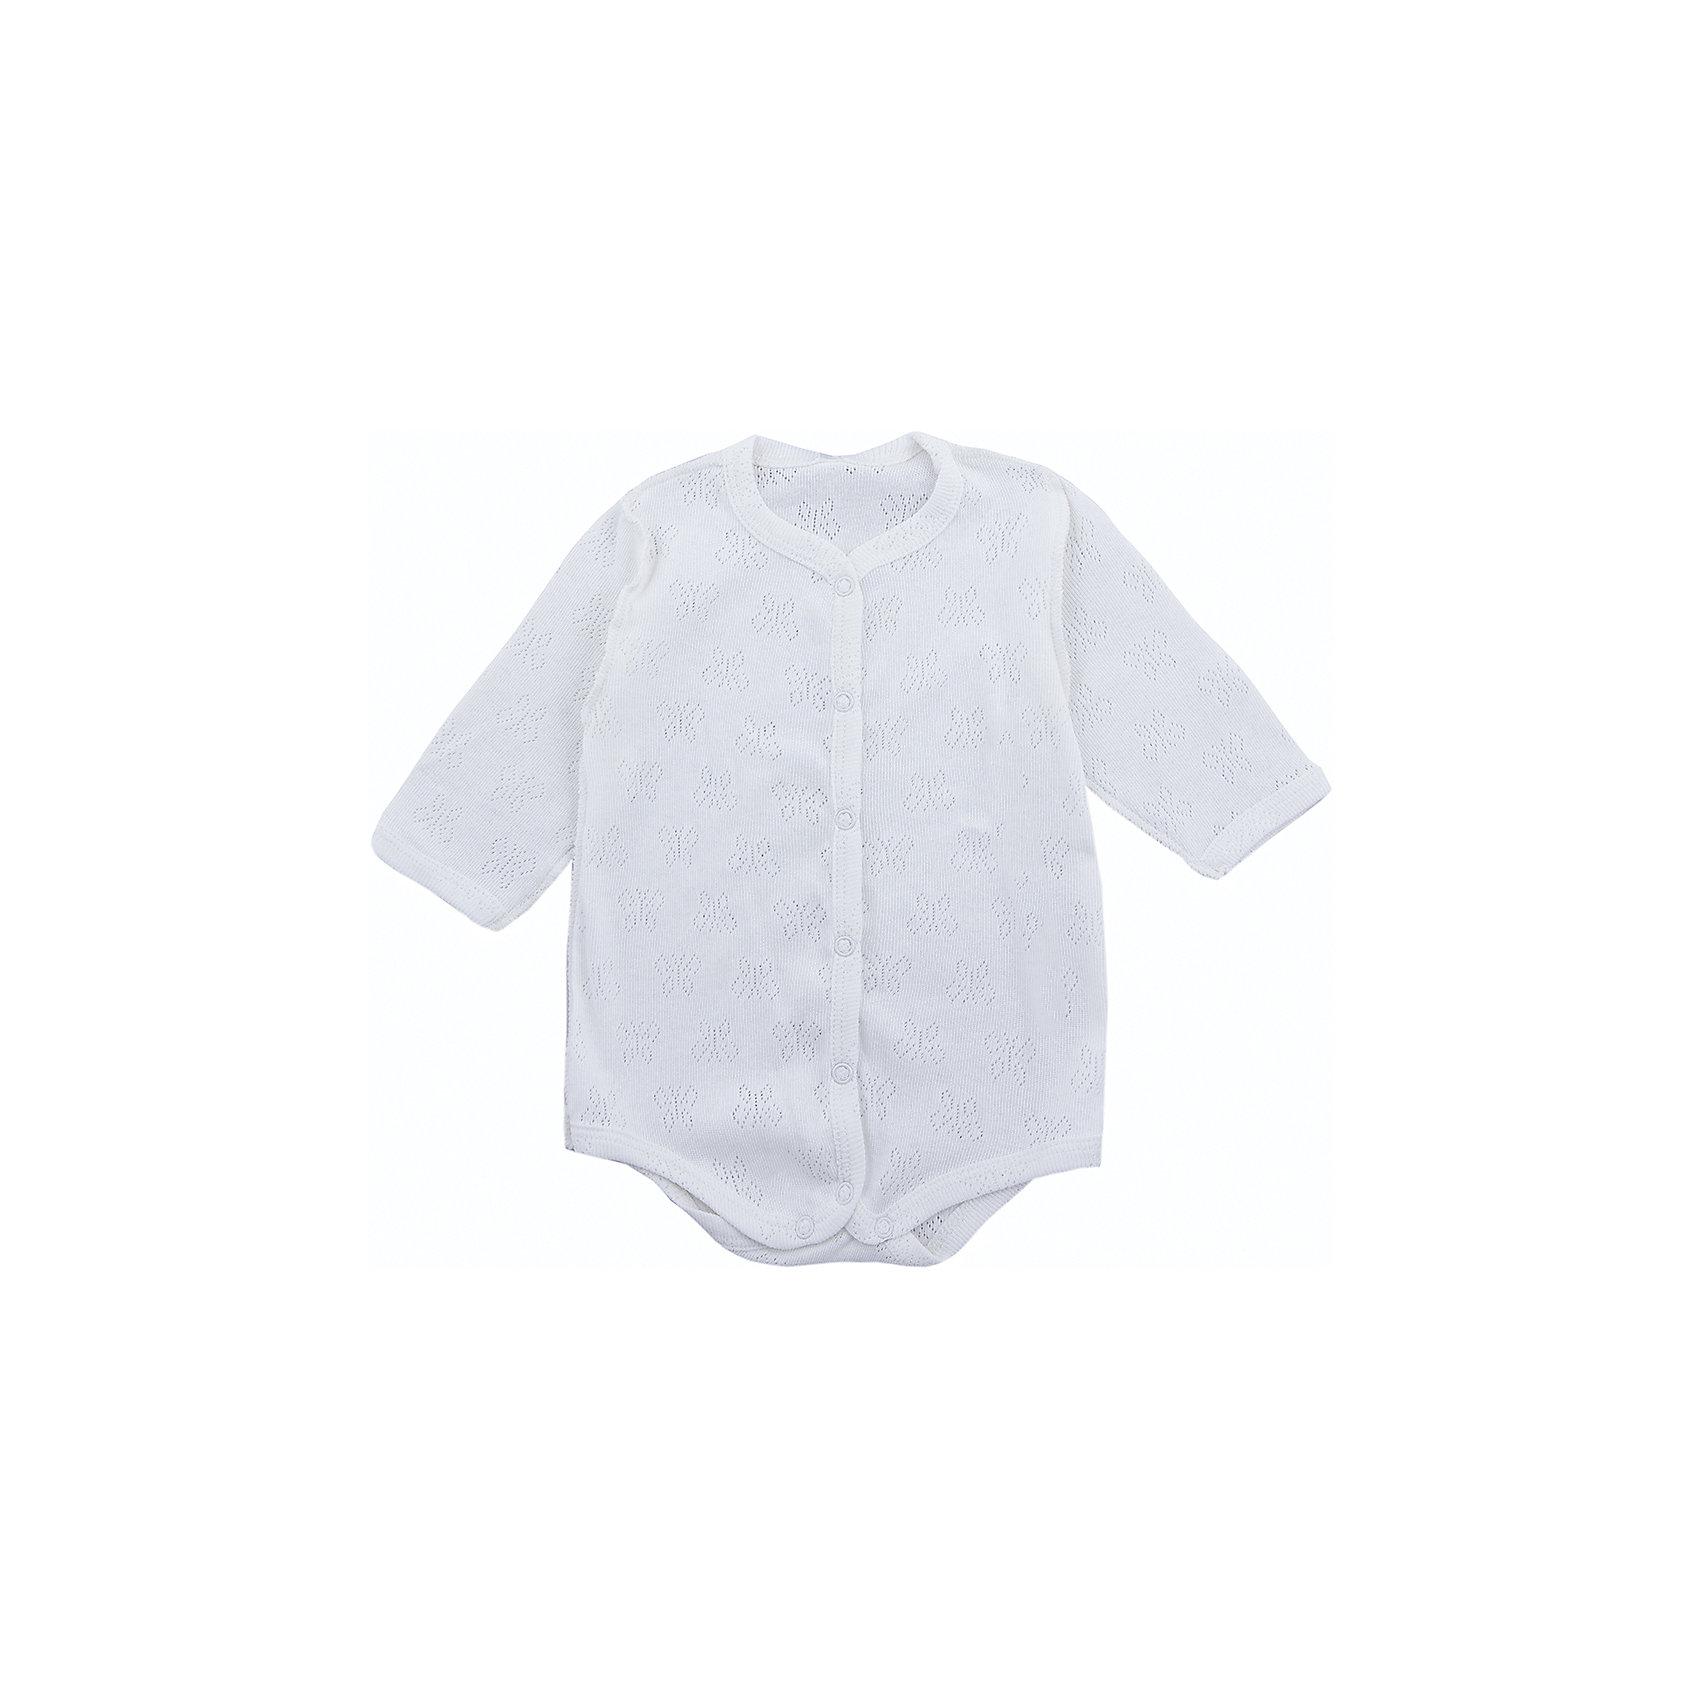 Боди Soni KidsБоди<br>Боди от популярной марки Soni Kids<br><br>Универсального цвета боди создано специально для самых маленьких. Оно обеспечит ребенку удобство, не будет натирать,  а также позволит коже дышать.<br><br>Особенности модели:<br><br>- цвет - молочный;<br>- материал - натуральный ажурный хлопок-рибана;<br>- рукава длинные;<br>- мягкая окантовка;<br>- швы снаружи;<br>- застежки - кнопки впереди и внизу.<br><br>Дополнительная информация:<br><br>Состав:  100% хлопок (рибана)<br><br>Габариты:<br><br>длина по спинке - 36 см;<br>длина рукава реглан - 20.<br><br>*соответствует размеру 56<br><br>Боди от популярной марки Soni Kids (Сони Кидс) можно купить в нашем магазине.<br><br>Ширина мм: 157<br>Глубина мм: 13<br>Высота мм: 119<br>Вес г: 200<br>Цвет: бежевый<br>Возраст от месяцев: 6<br>Возраст до месяцев: 9<br>Пол: Унисекс<br>Возраст: Детский<br>Размер: 74,56,86,80,62,68<br>SKU: 4323200